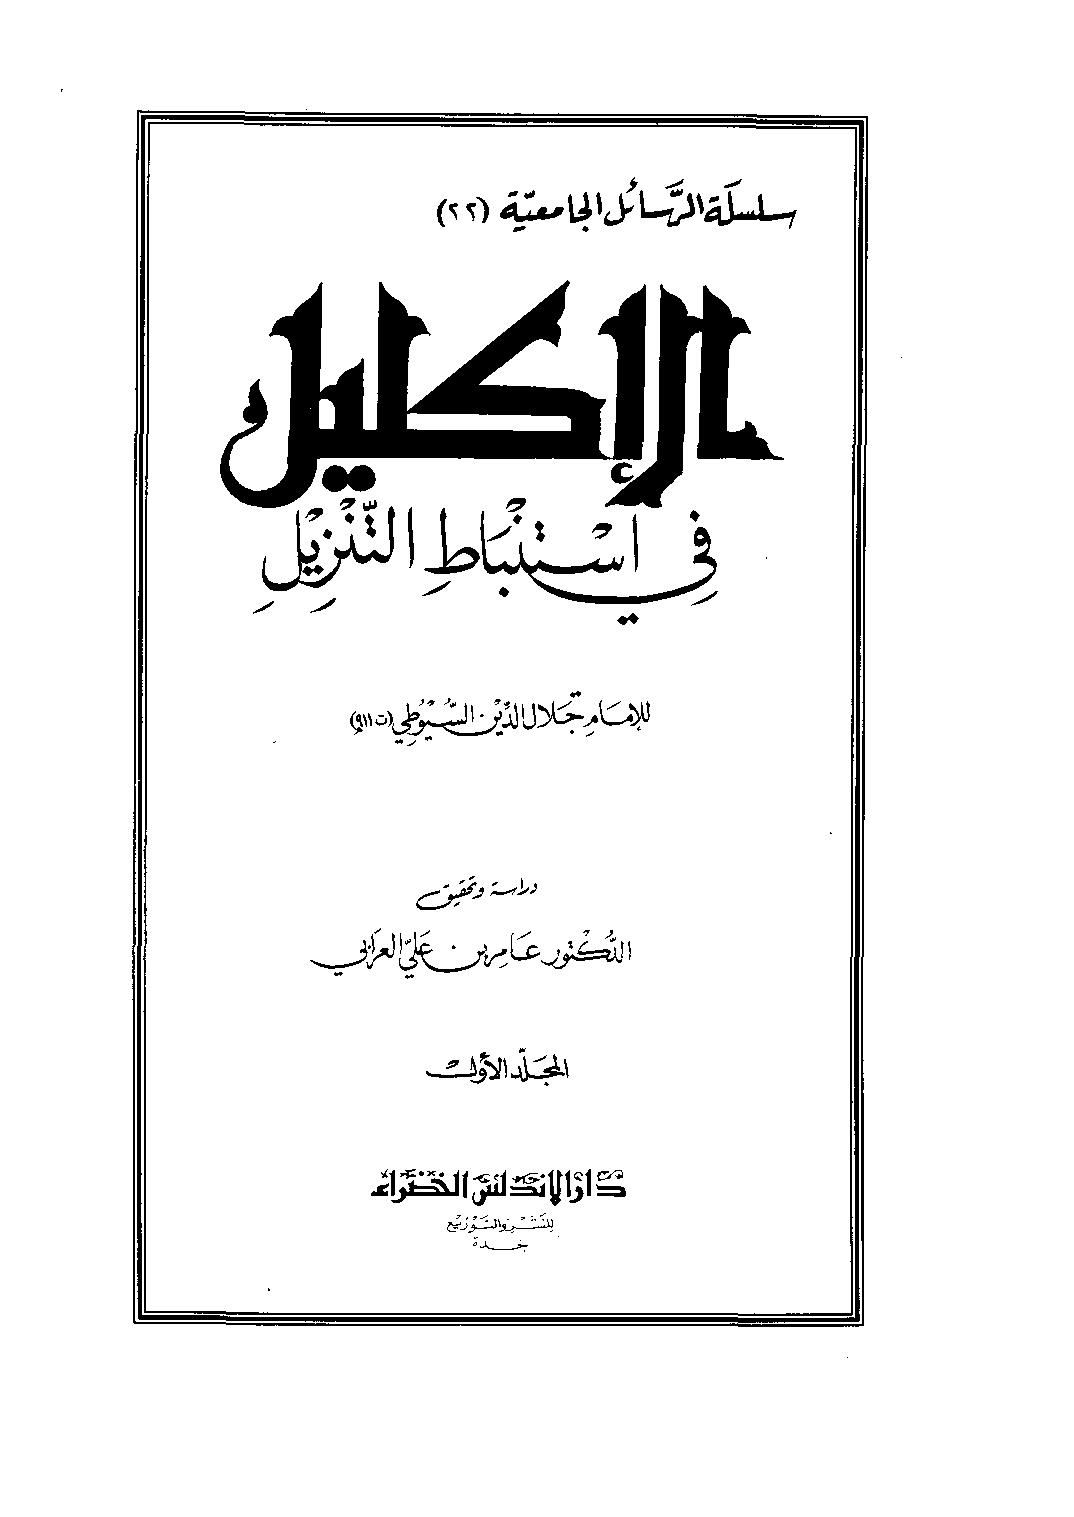 الإكليل في استنباط التنزيل (ت. العرابي) - أبو الفضل جلال الدين عبد الرحمن بن أبي بكر السيوطي (ت 911 هـ)